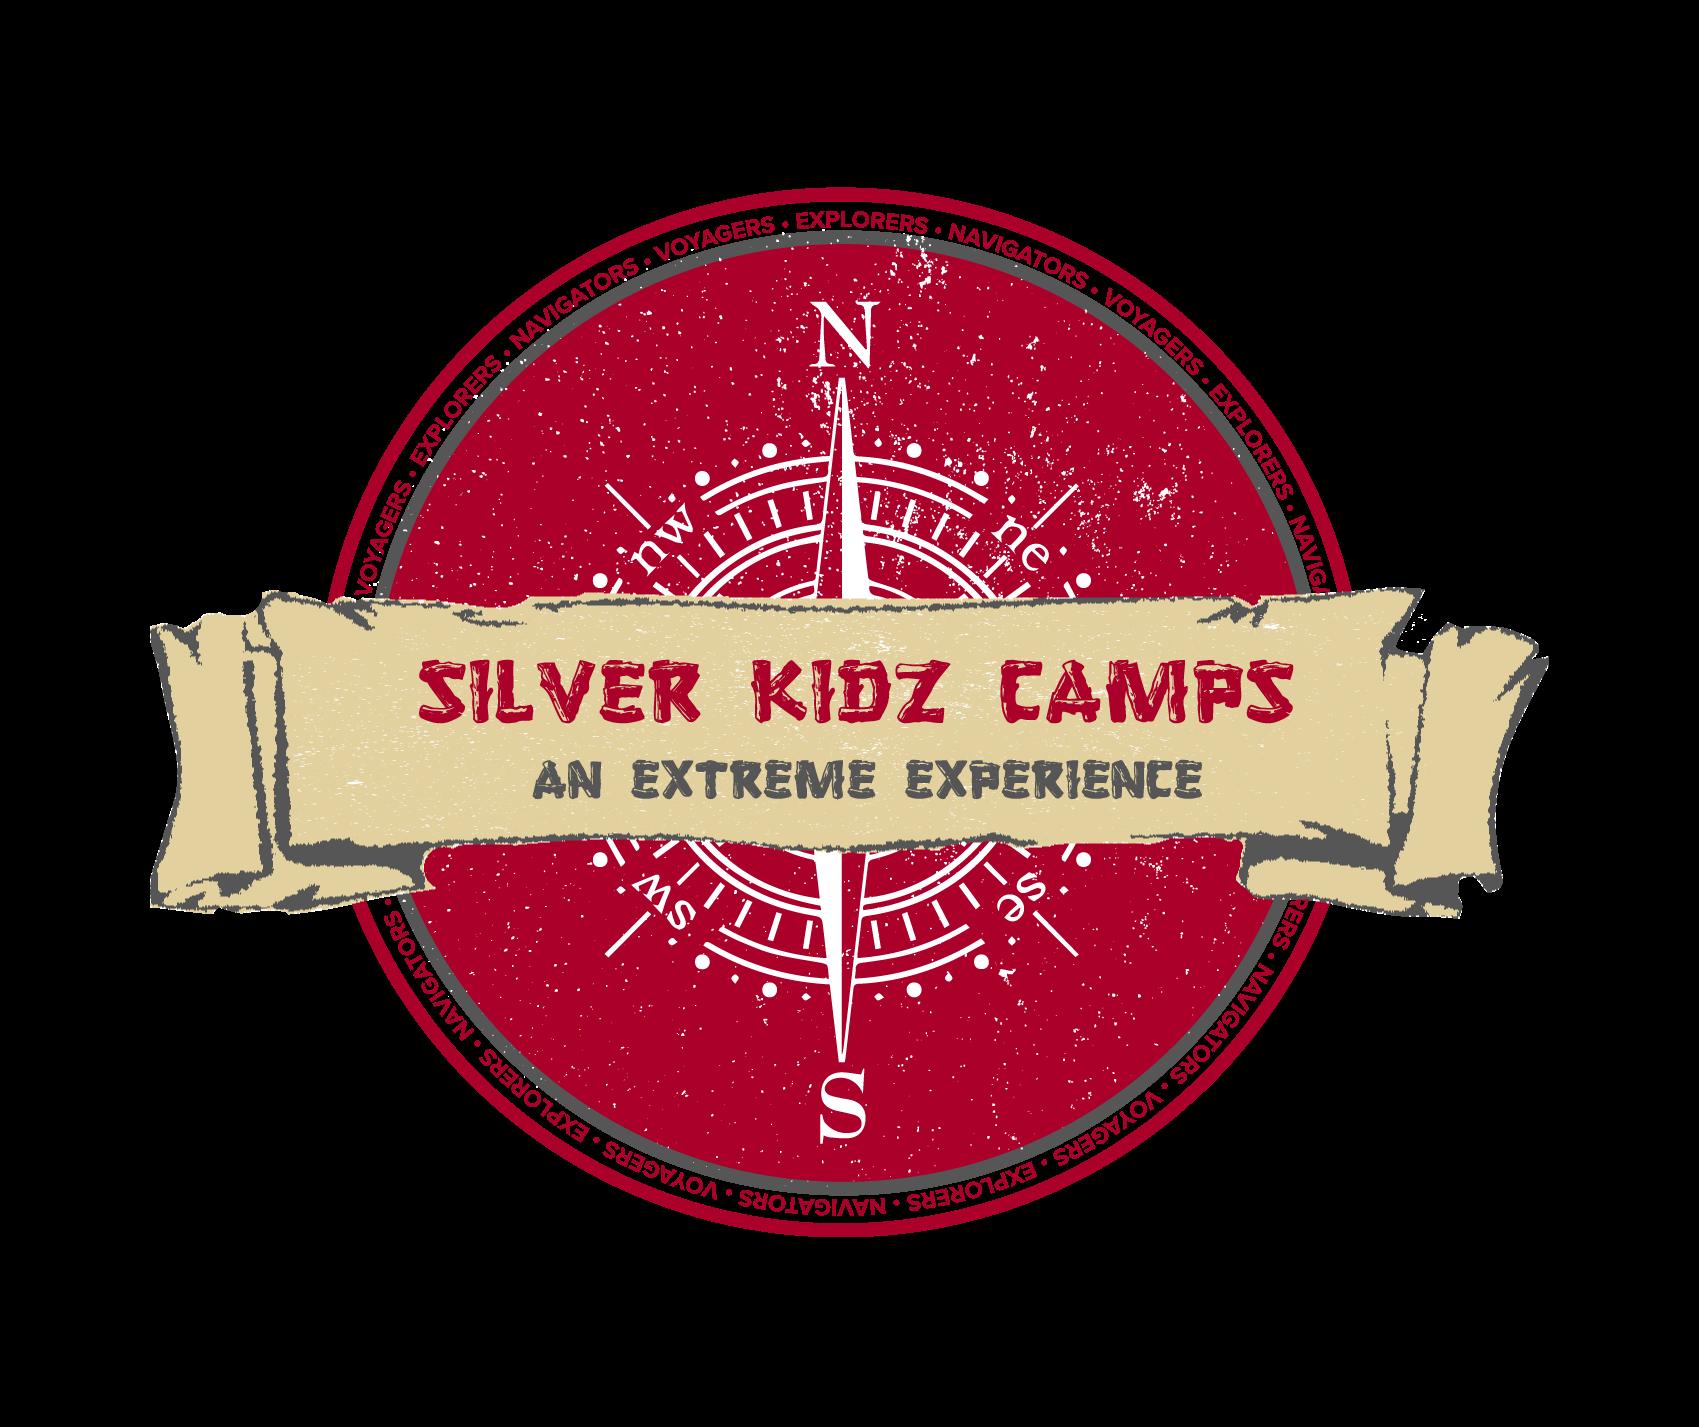 Silver Kidz Camps